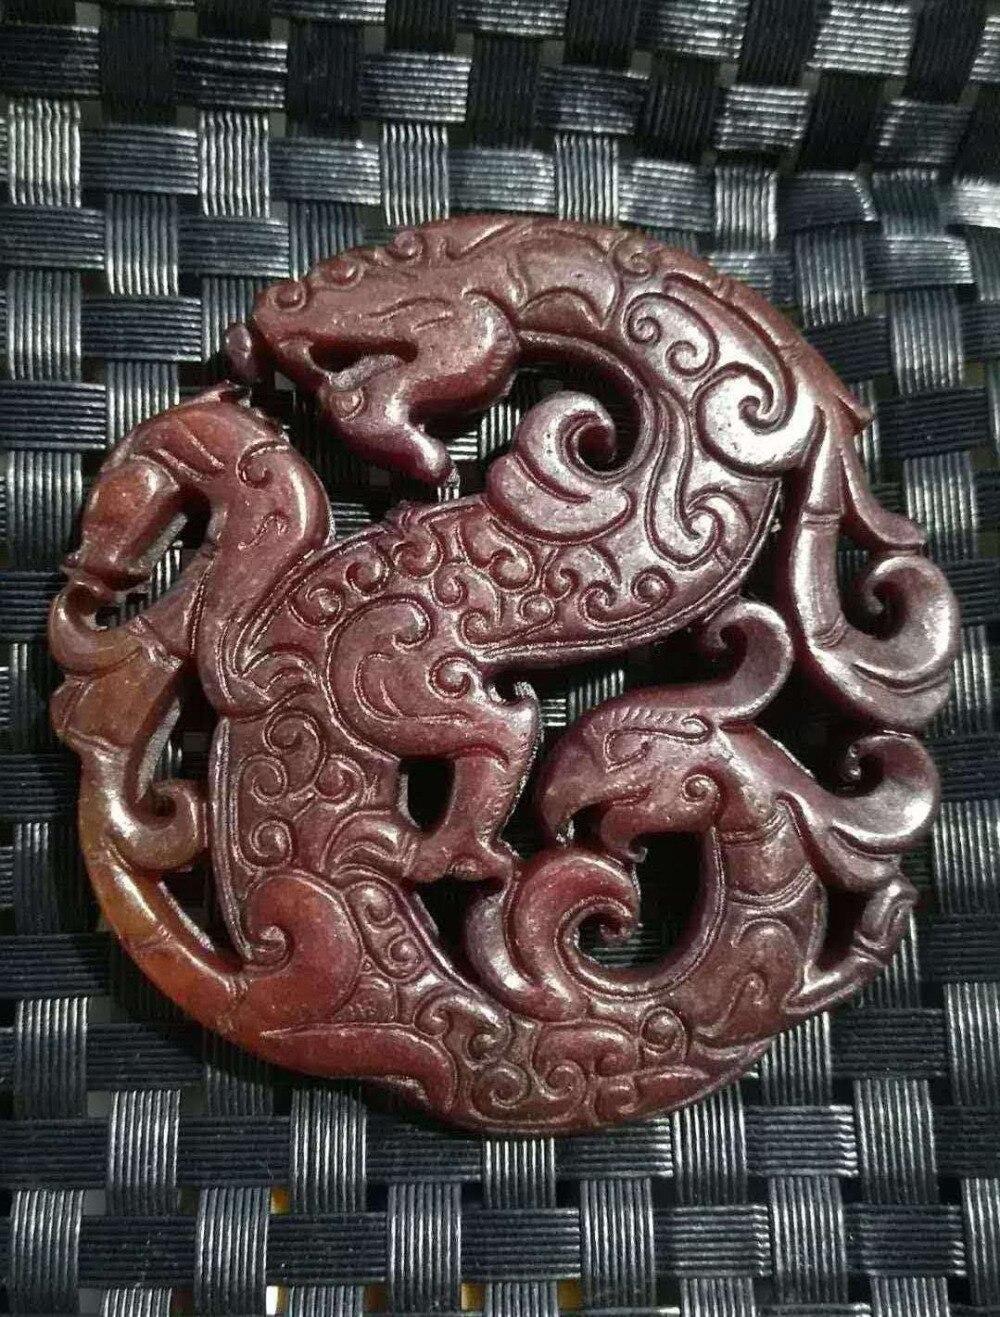 Vente antique jade antique jade ajouré pendentifs décoration éléphant marque